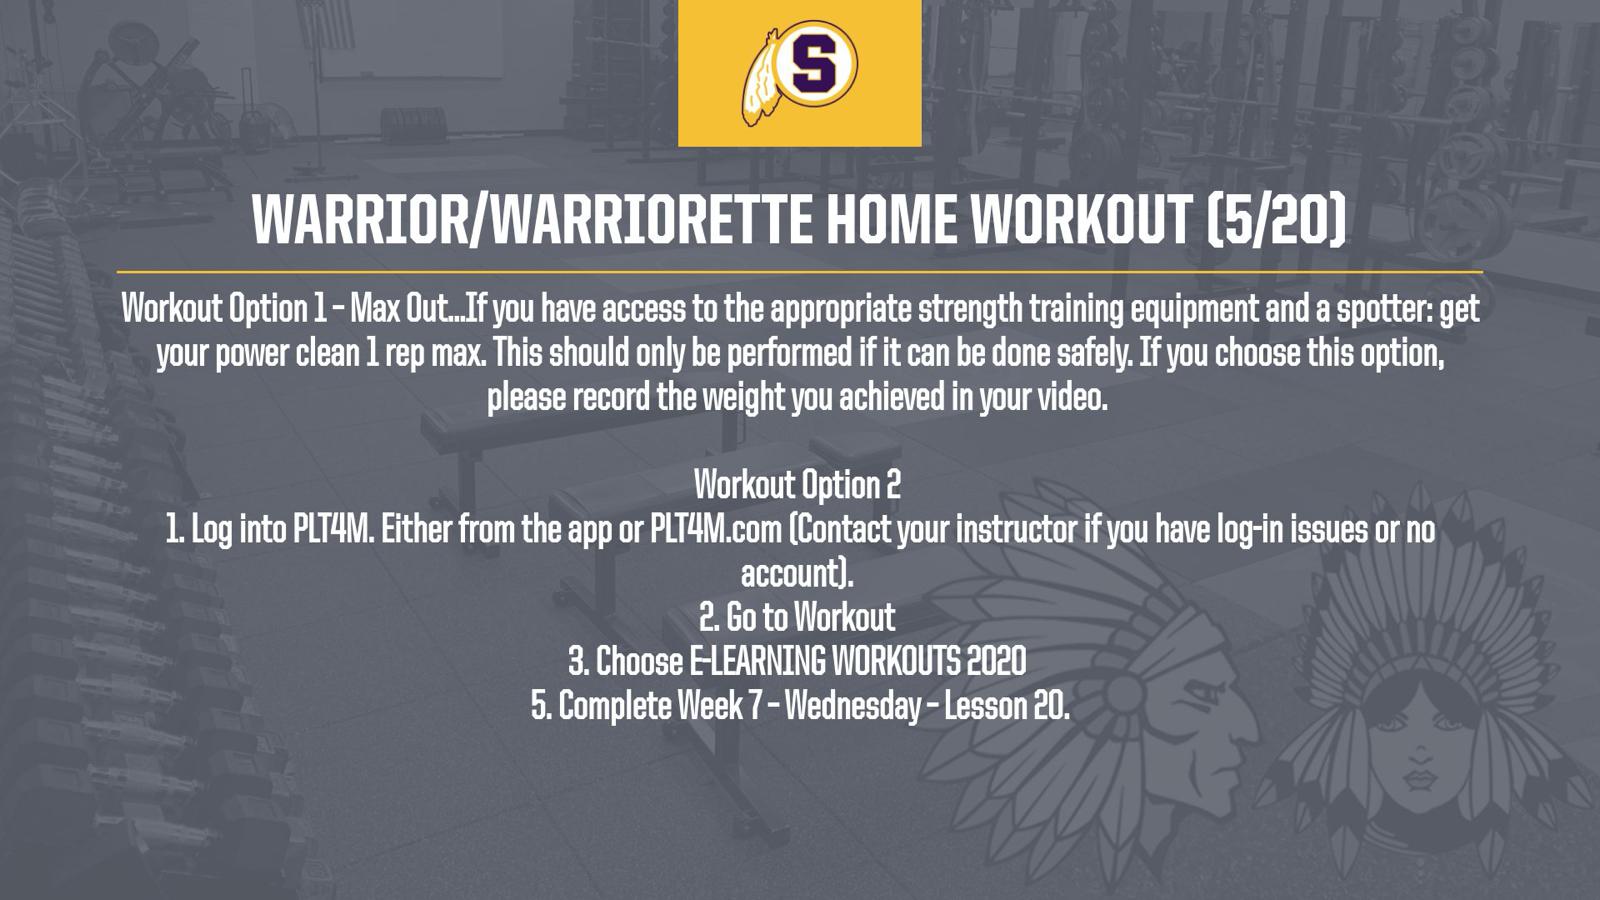 Warrior/Warriorette Home Workout (5/20)